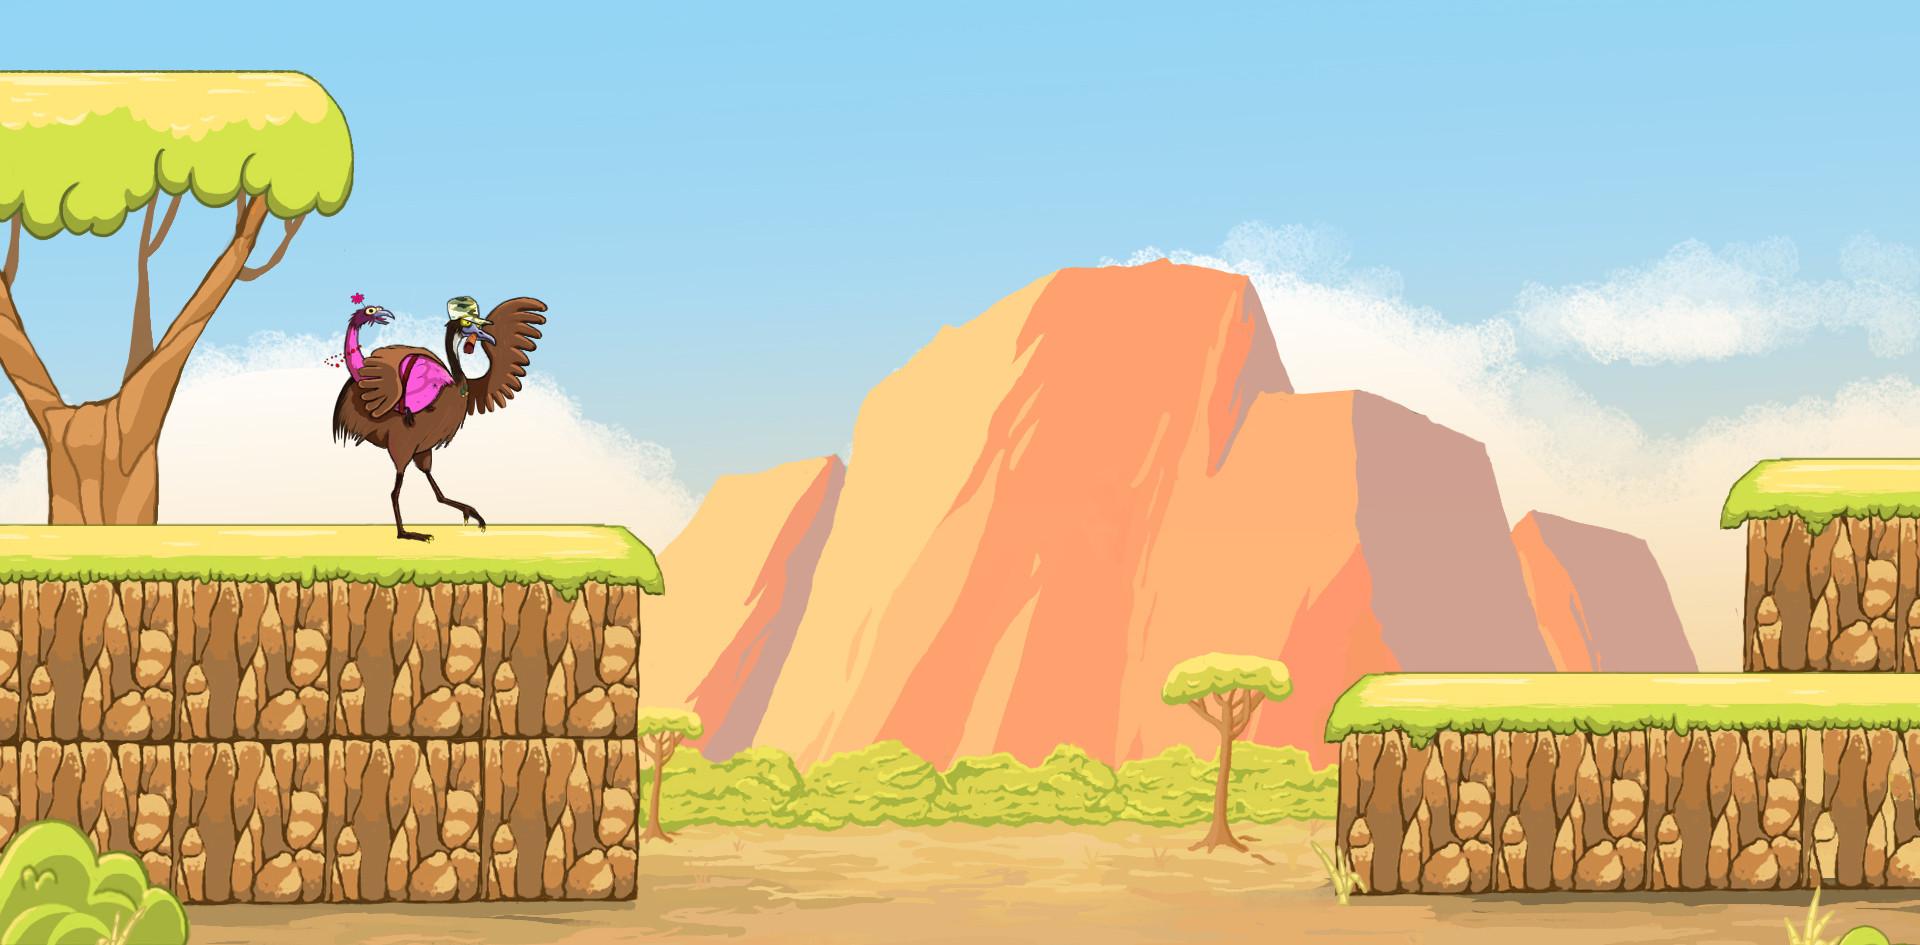 Concept Art - Petit jeu 2D en Australie